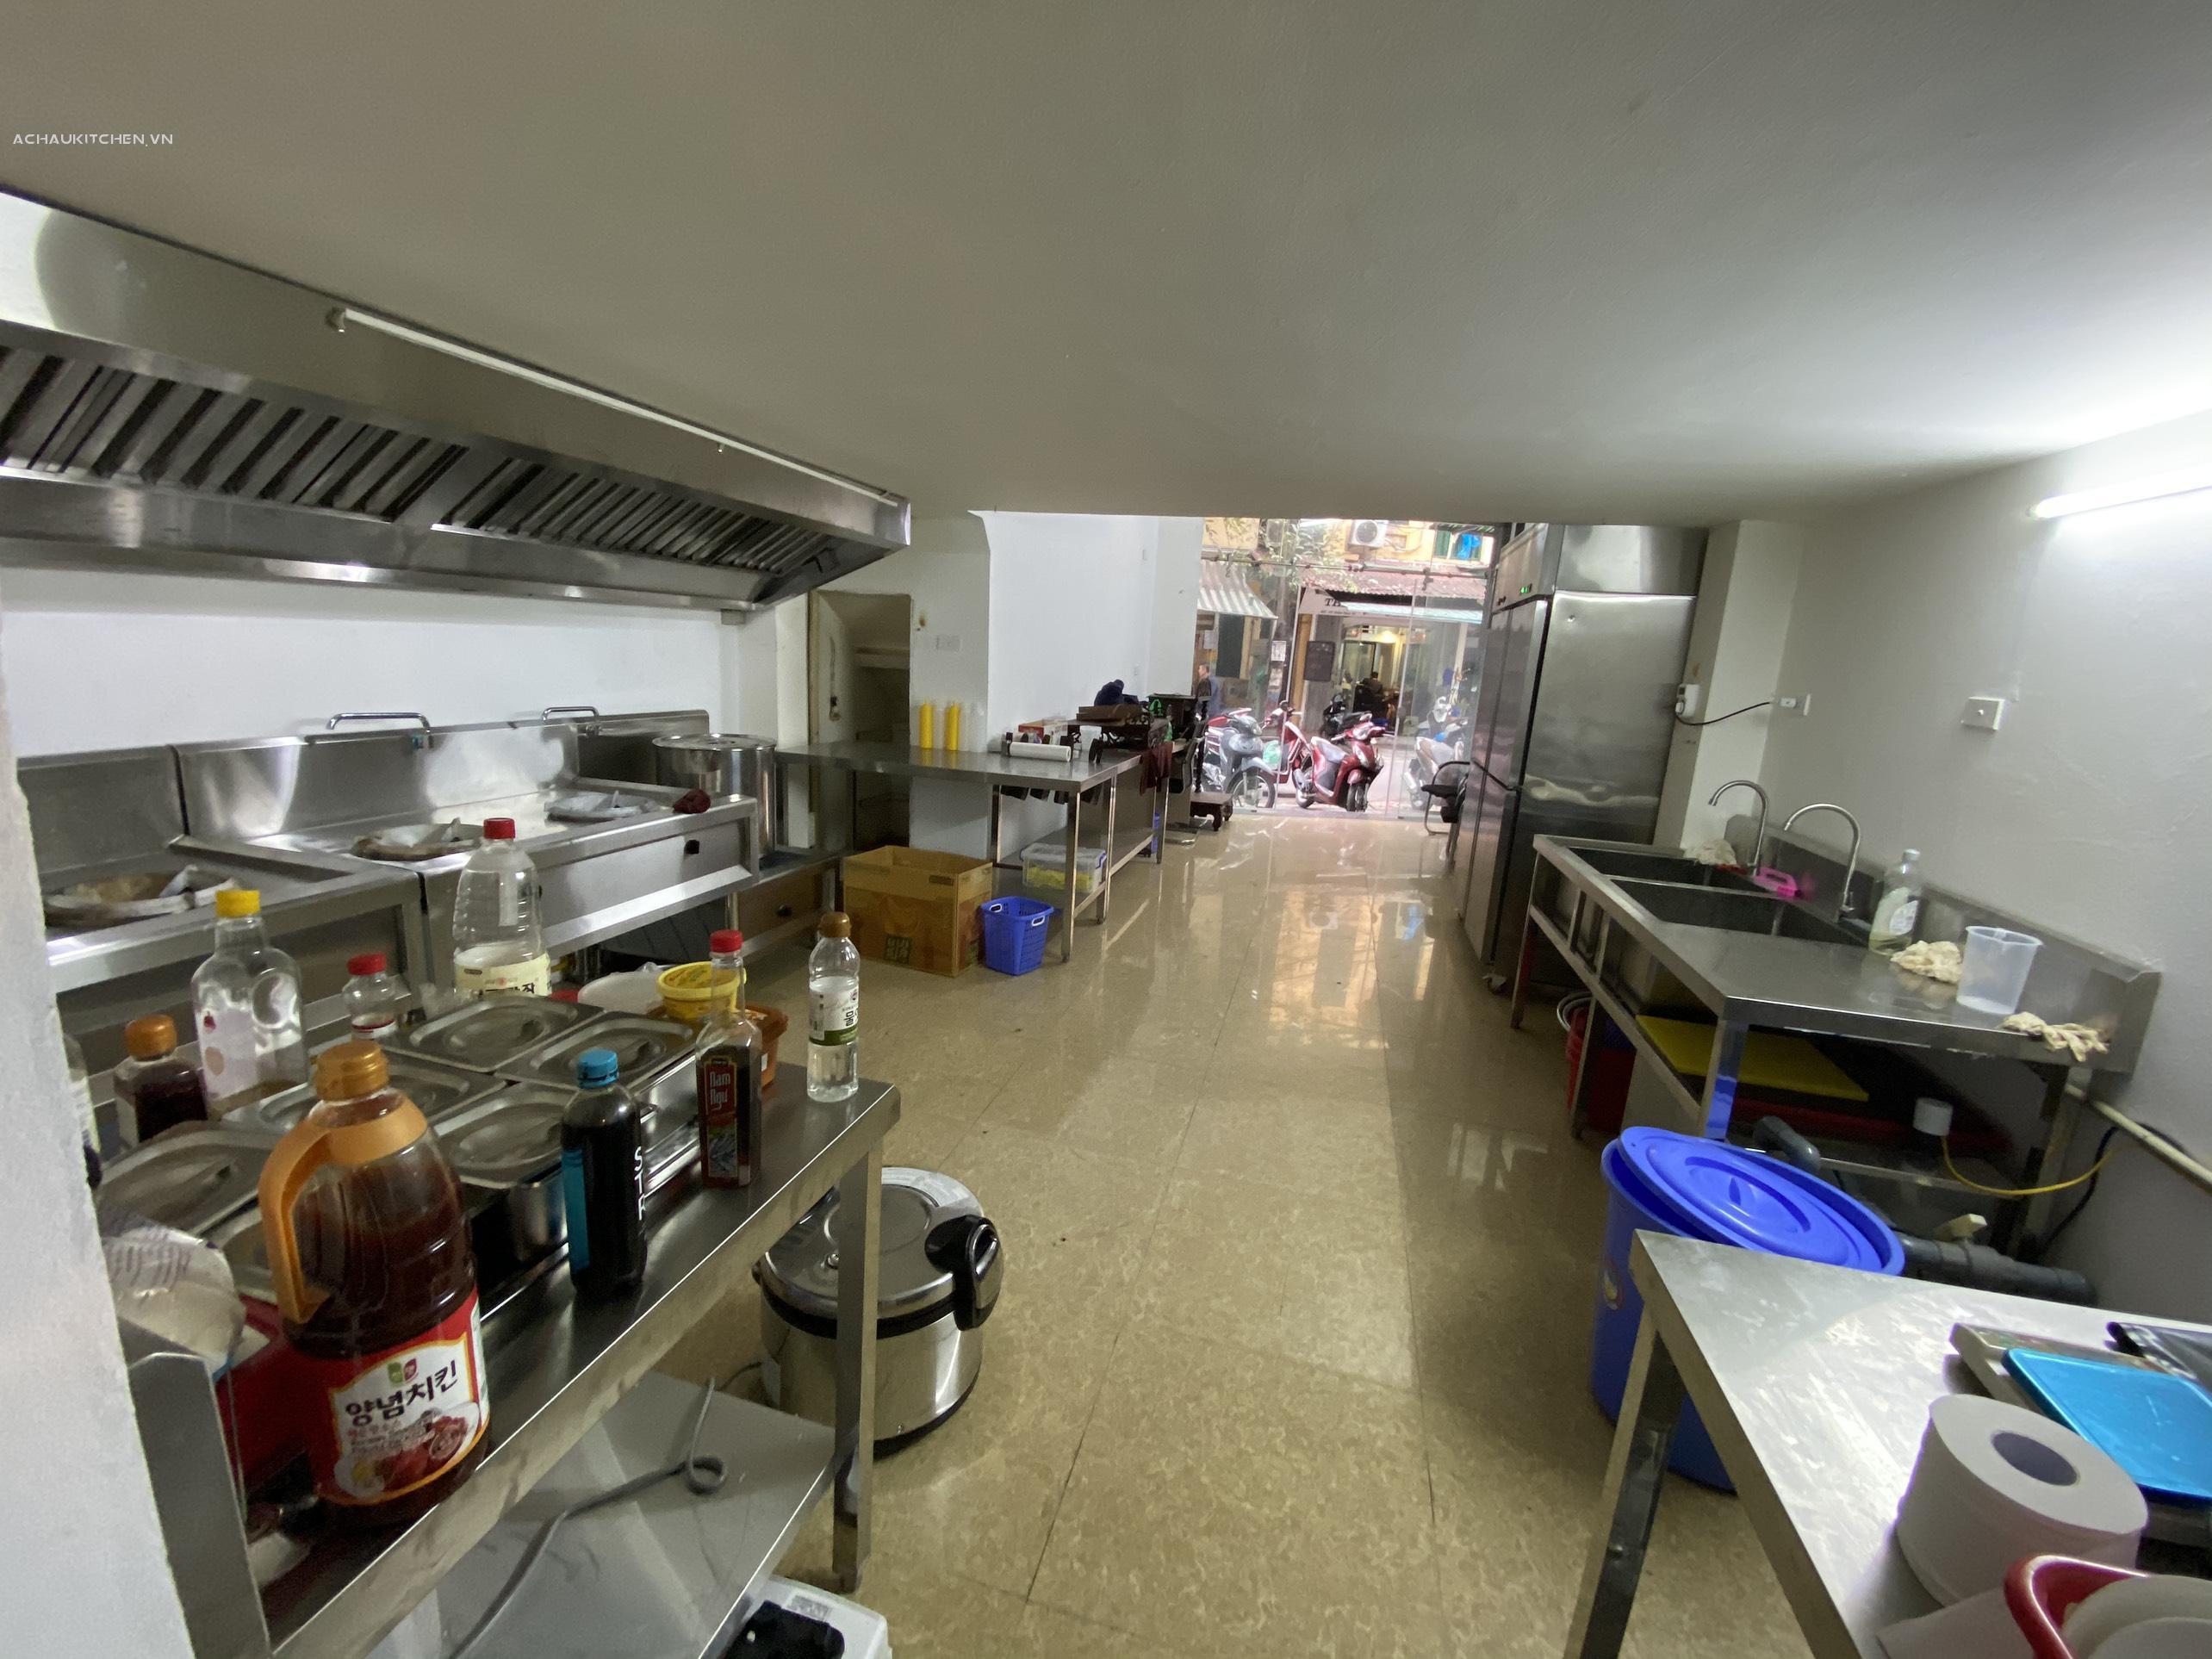 Tum hút mùi bếp công nghiệp nhà hàng (4)